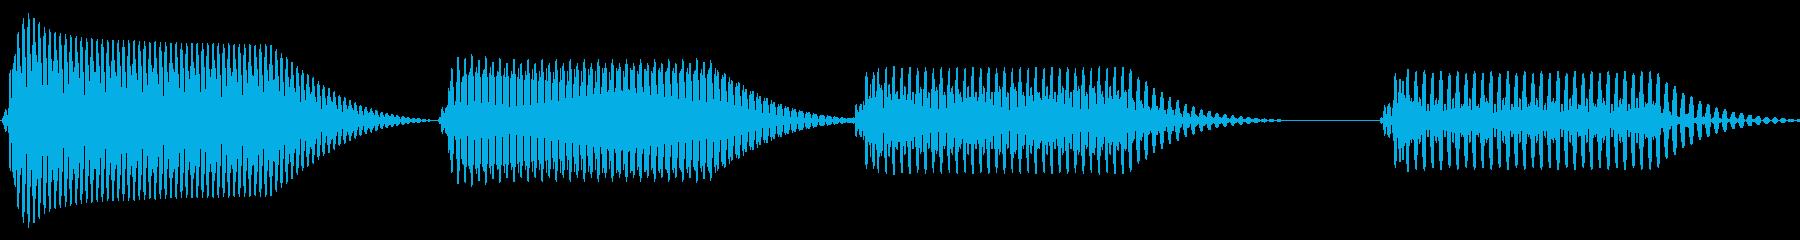 往年のRPG風 コマンド音 シリーズ15の再生済みの波形